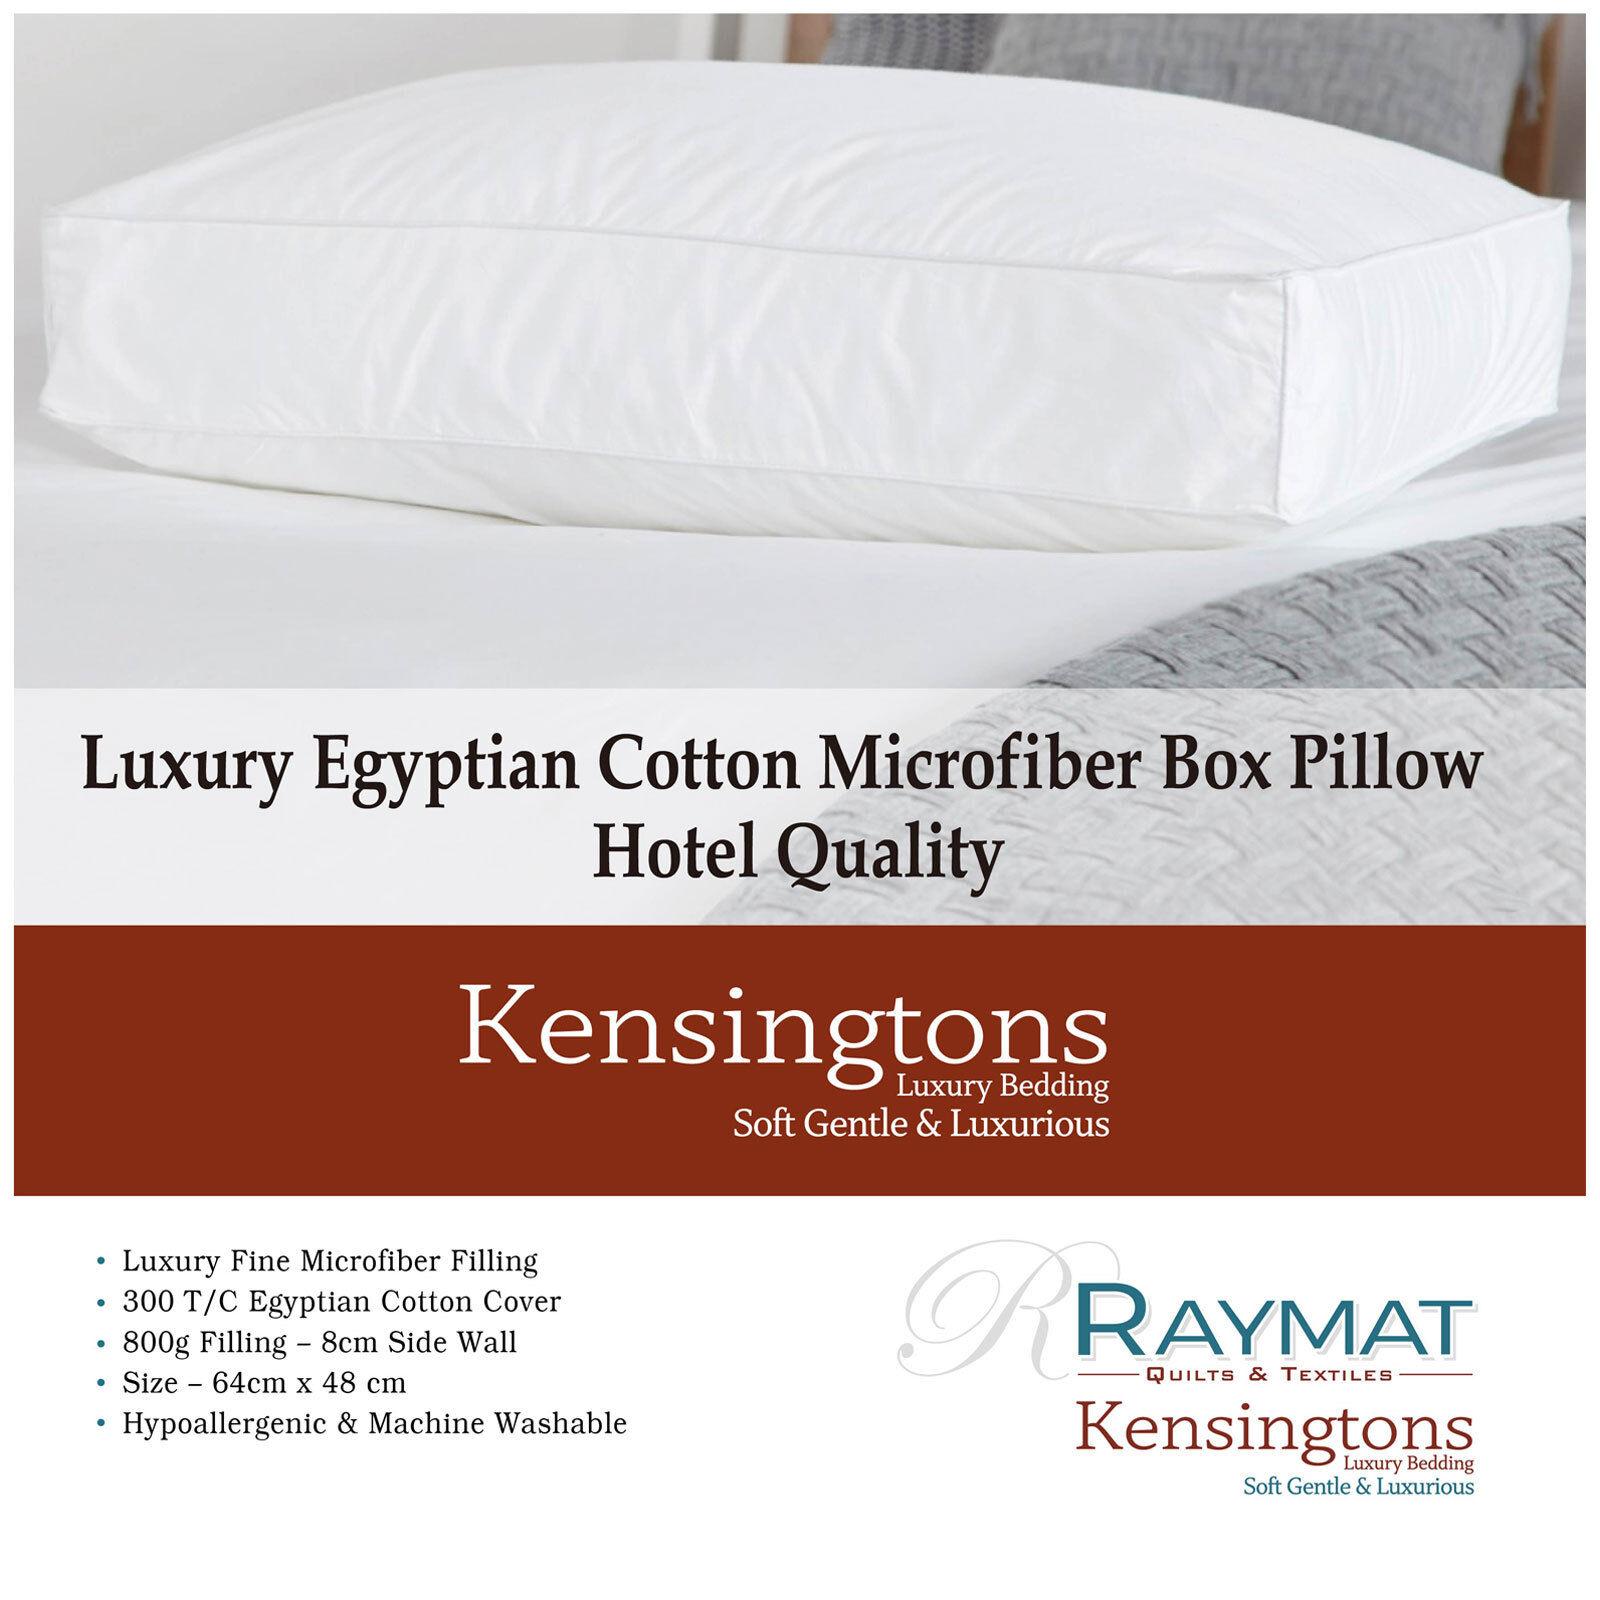 PROPRIO COME DOWN MICROFIBRA cuscini 2 x Lusso Qualità hotel biancheria da letto